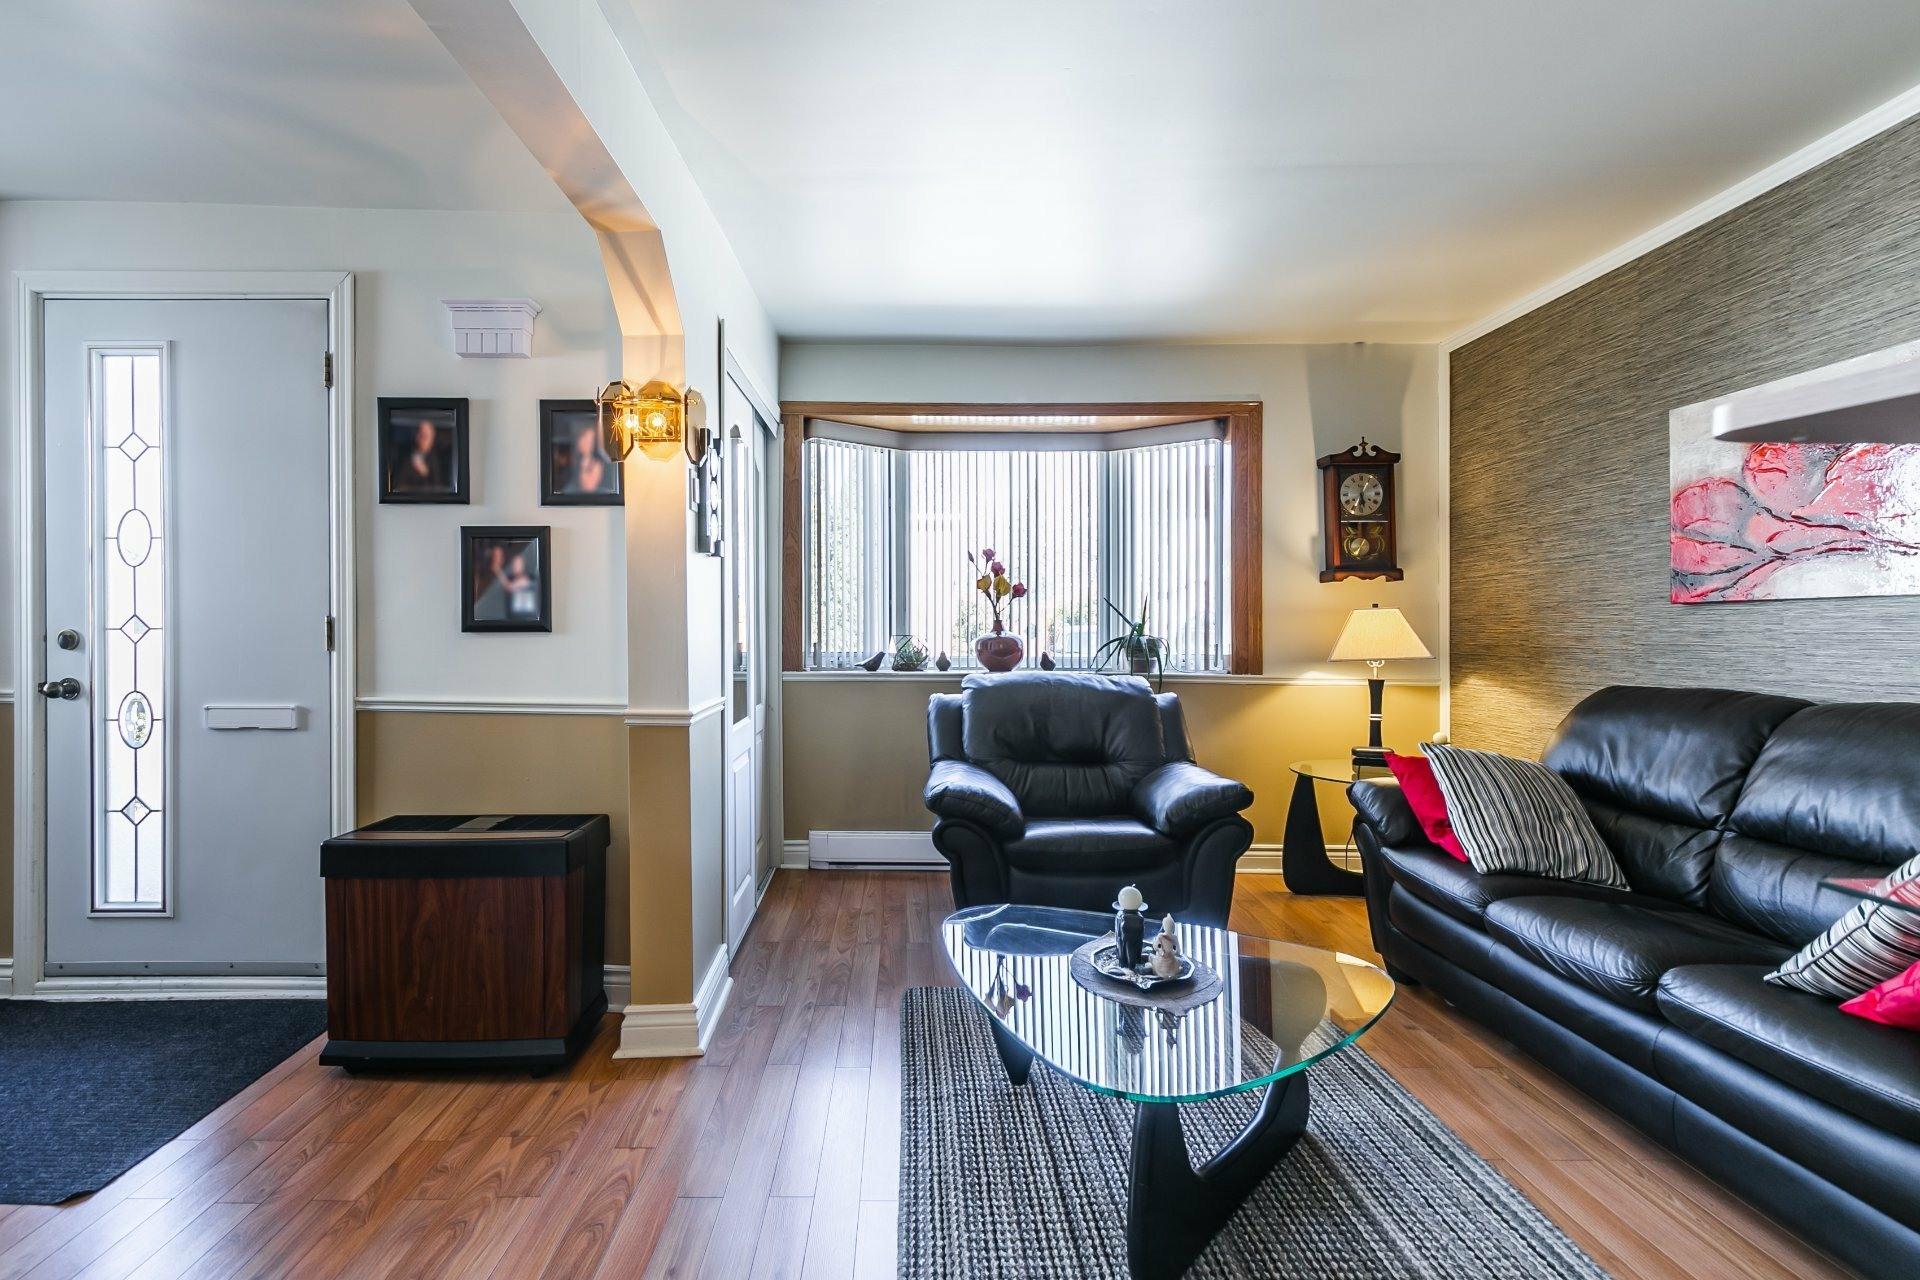 image 5 - Maison À vendre Rivière-des-Prairies/Pointe-aux-Trembles Montréal  - 7 pièces